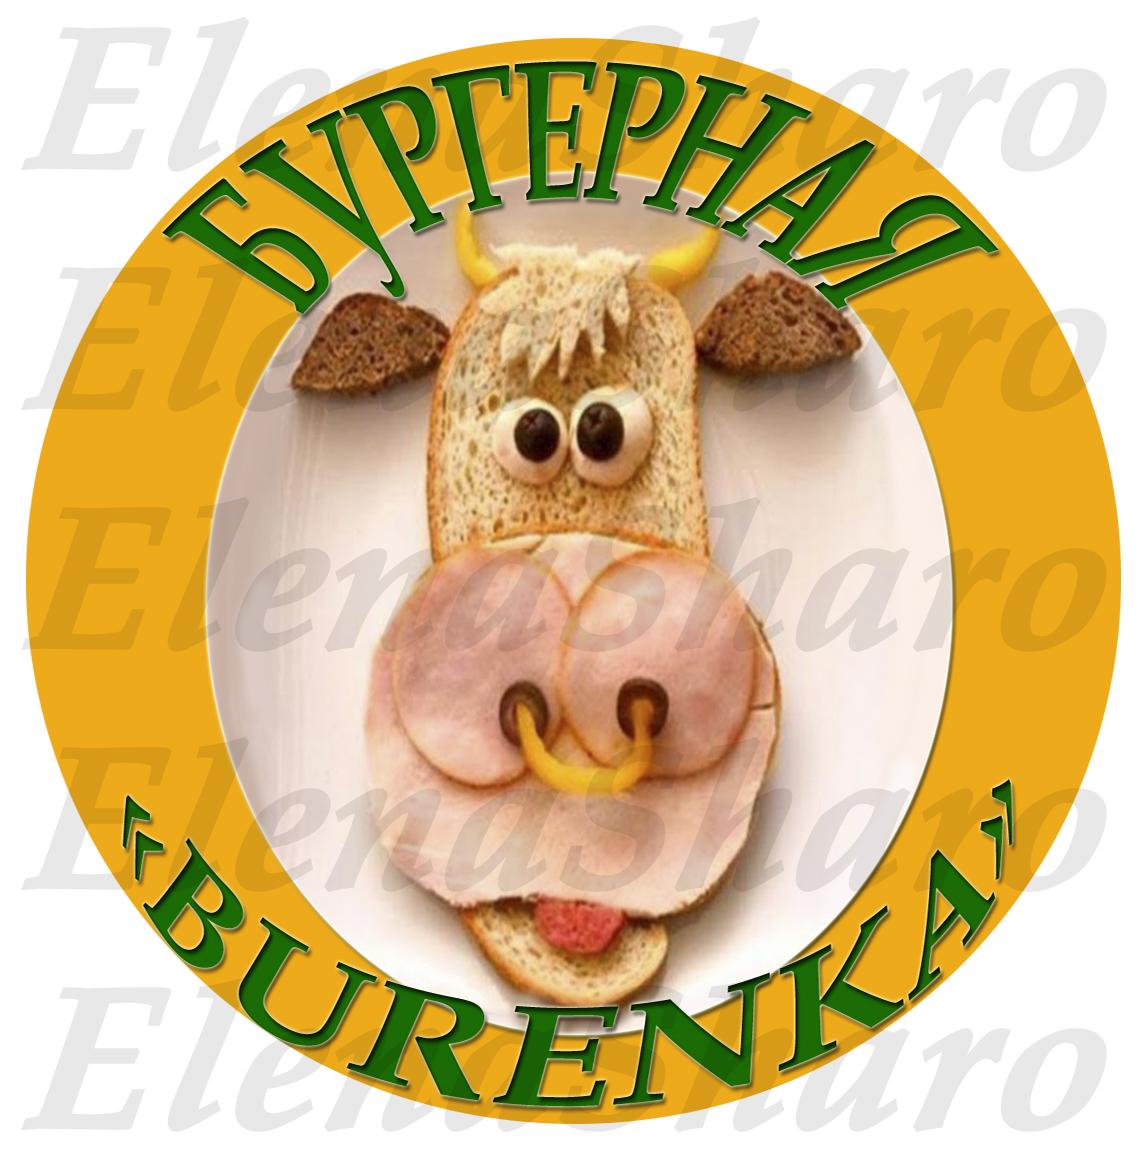 Логотип для Бургерной с Пекарней фото f_8135e1a134d5c2e2.jpg